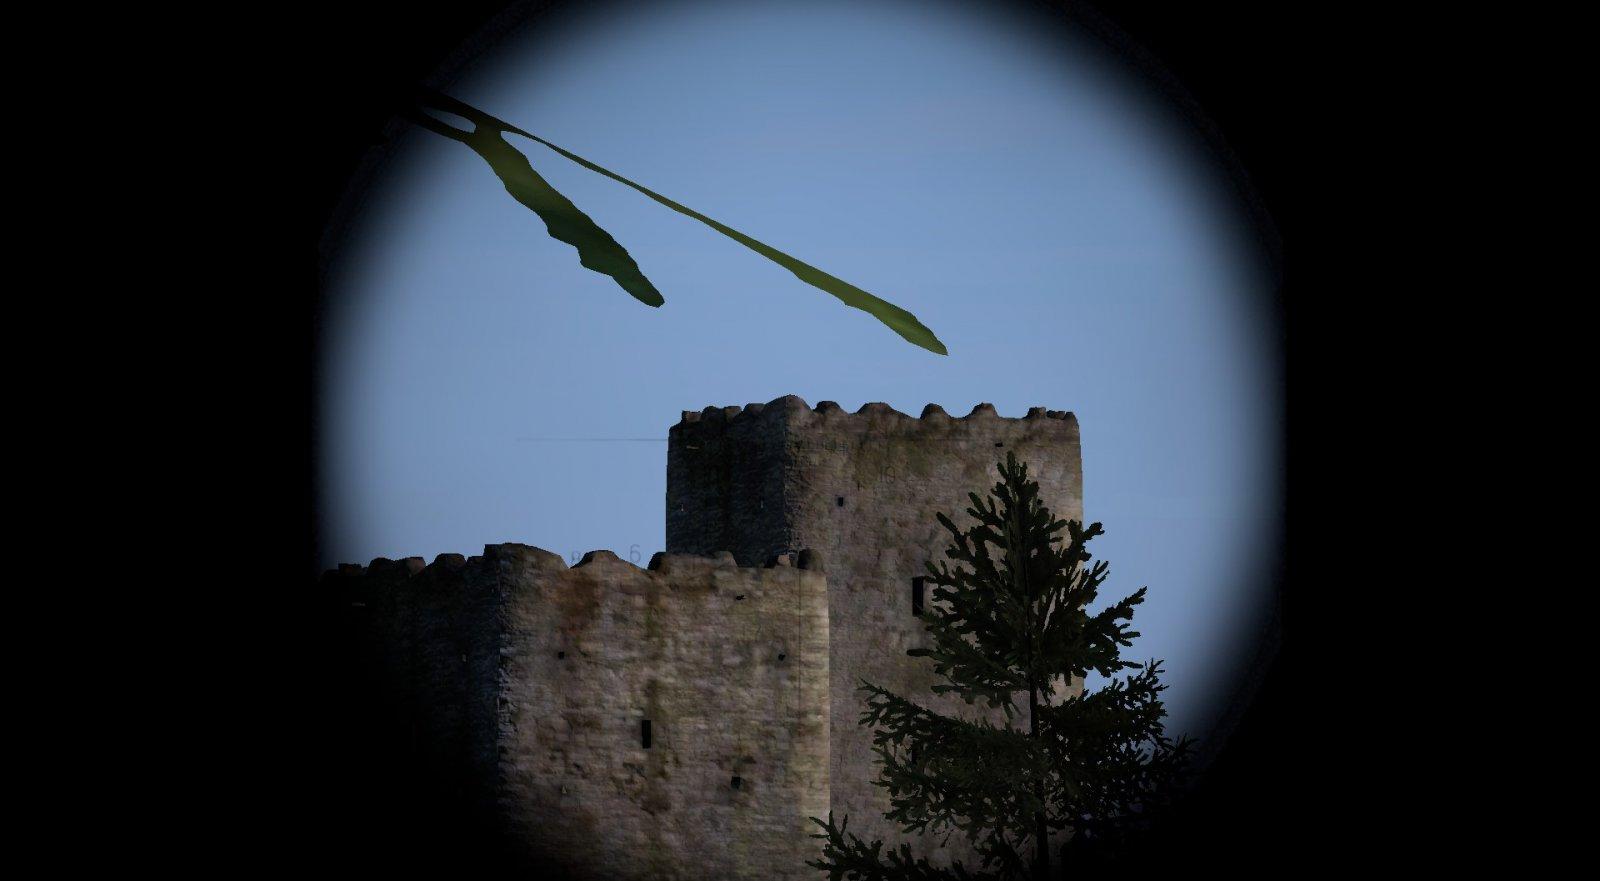 Sniping bastion >:)